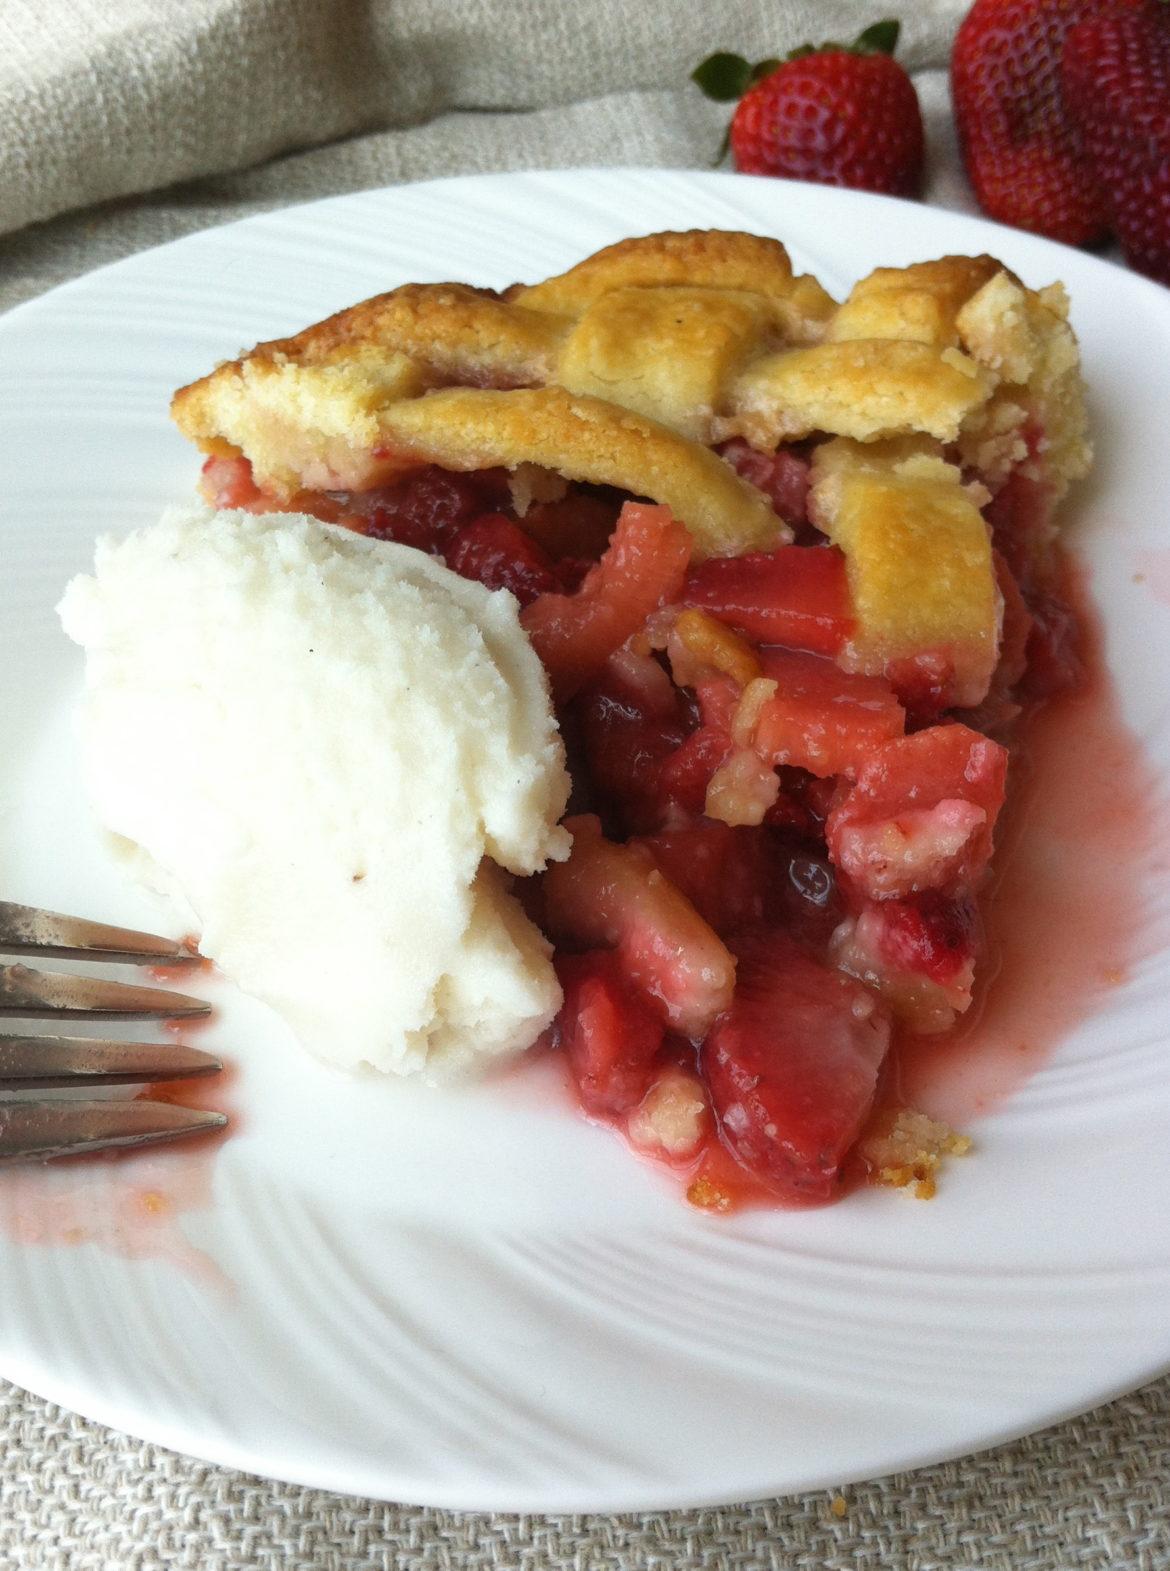 Old-fashioned Strawberry Rhubarb Pie